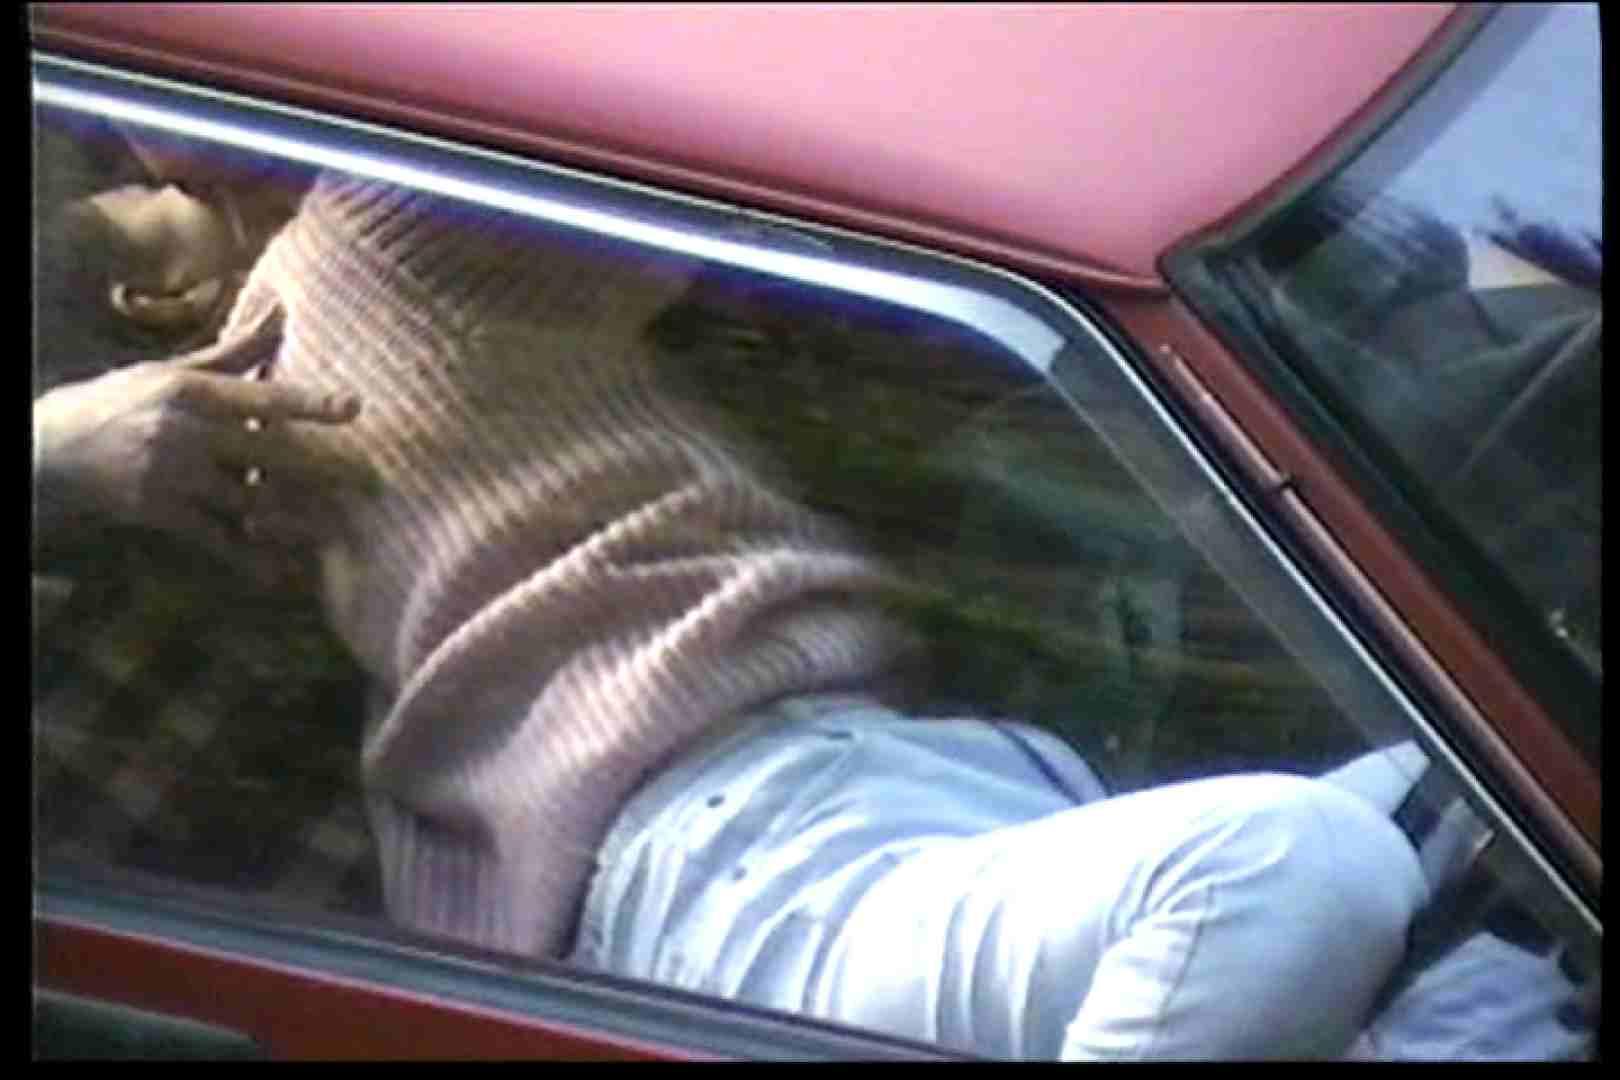 車の中はラブホテル 無修正版  Vol.12 ラブホテル隠し撮り おめこ無修正動画無料 87pic 23